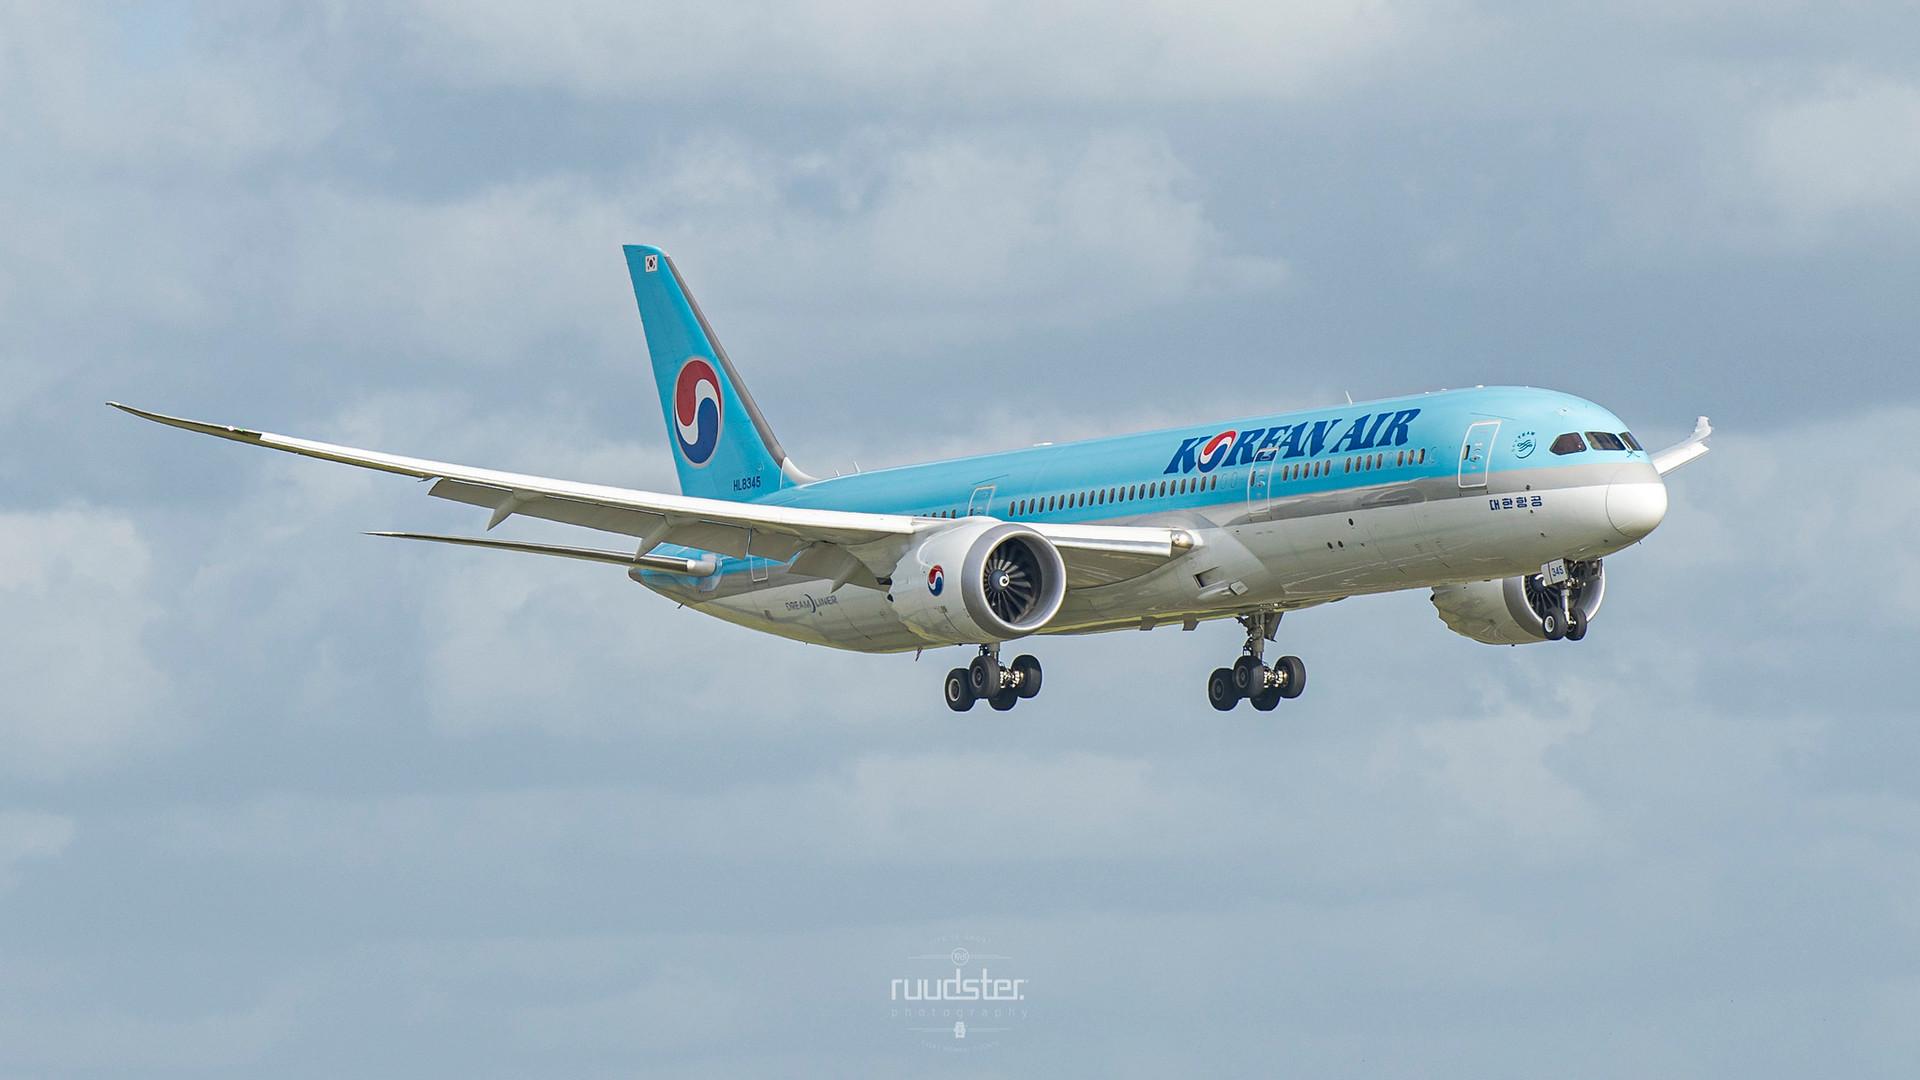 HL8345   Build: 2019 - Boeing 787-9